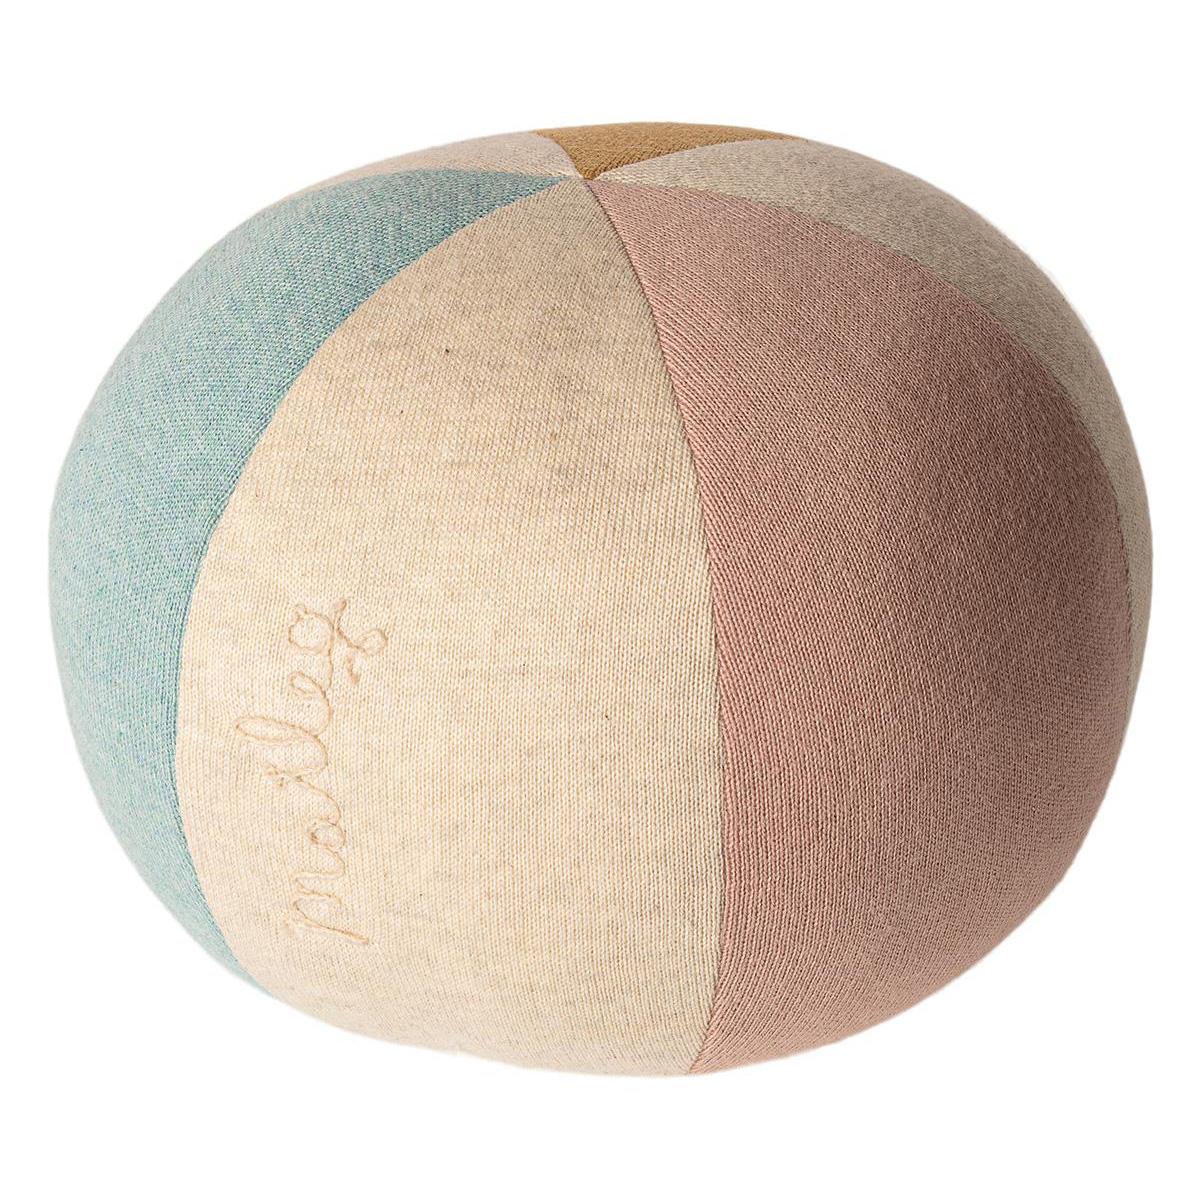 Maileg ball - Light blue/rose -